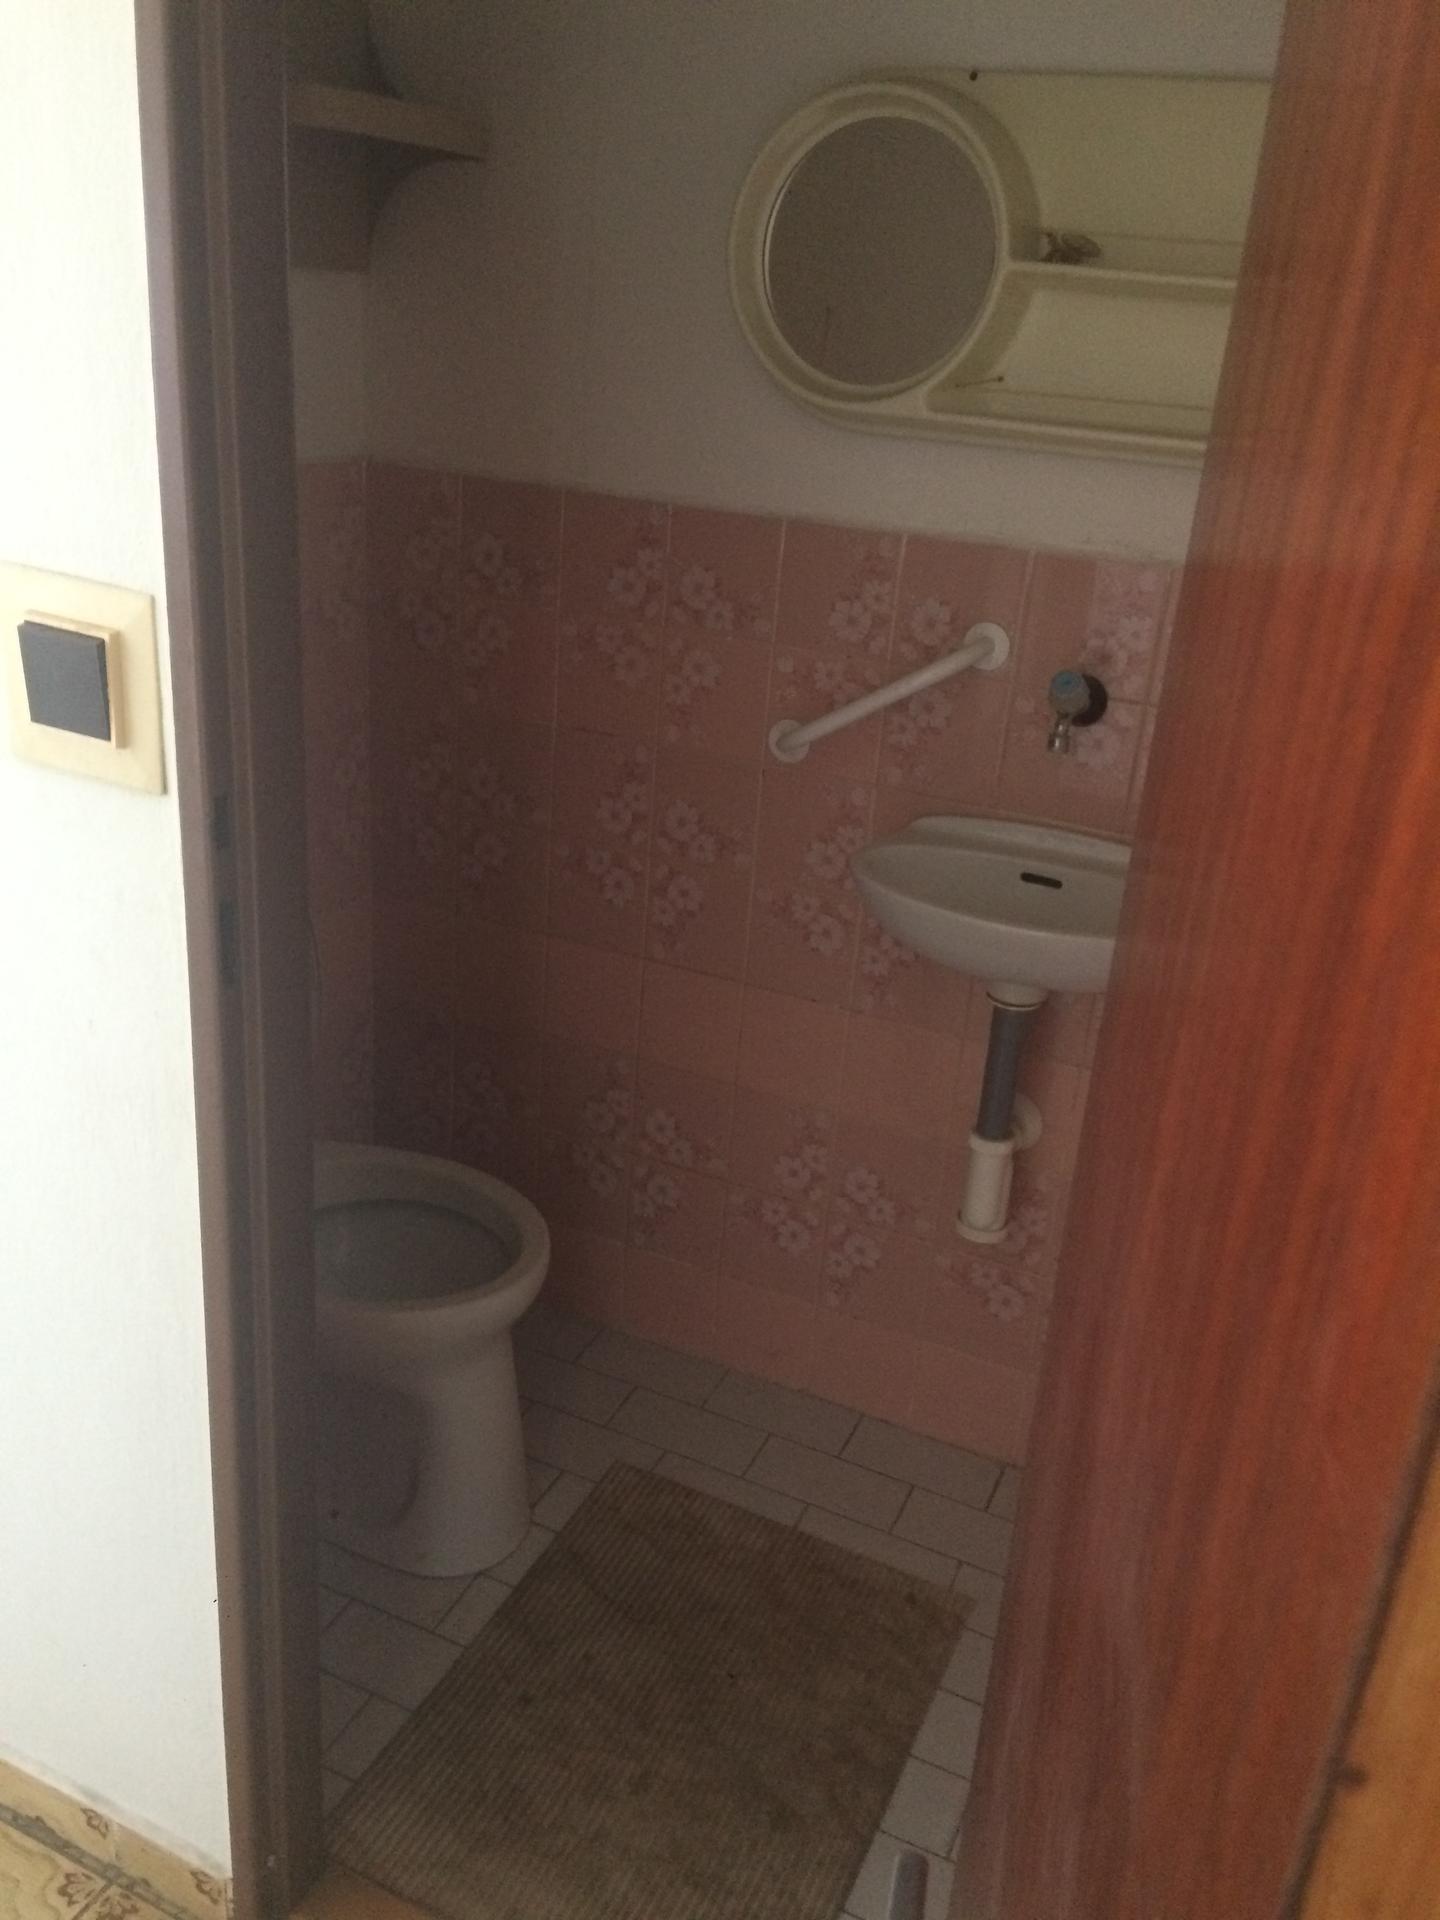 Náš sen bydlení ve vlastním 🏡🍀 - Retro wc 2 😁